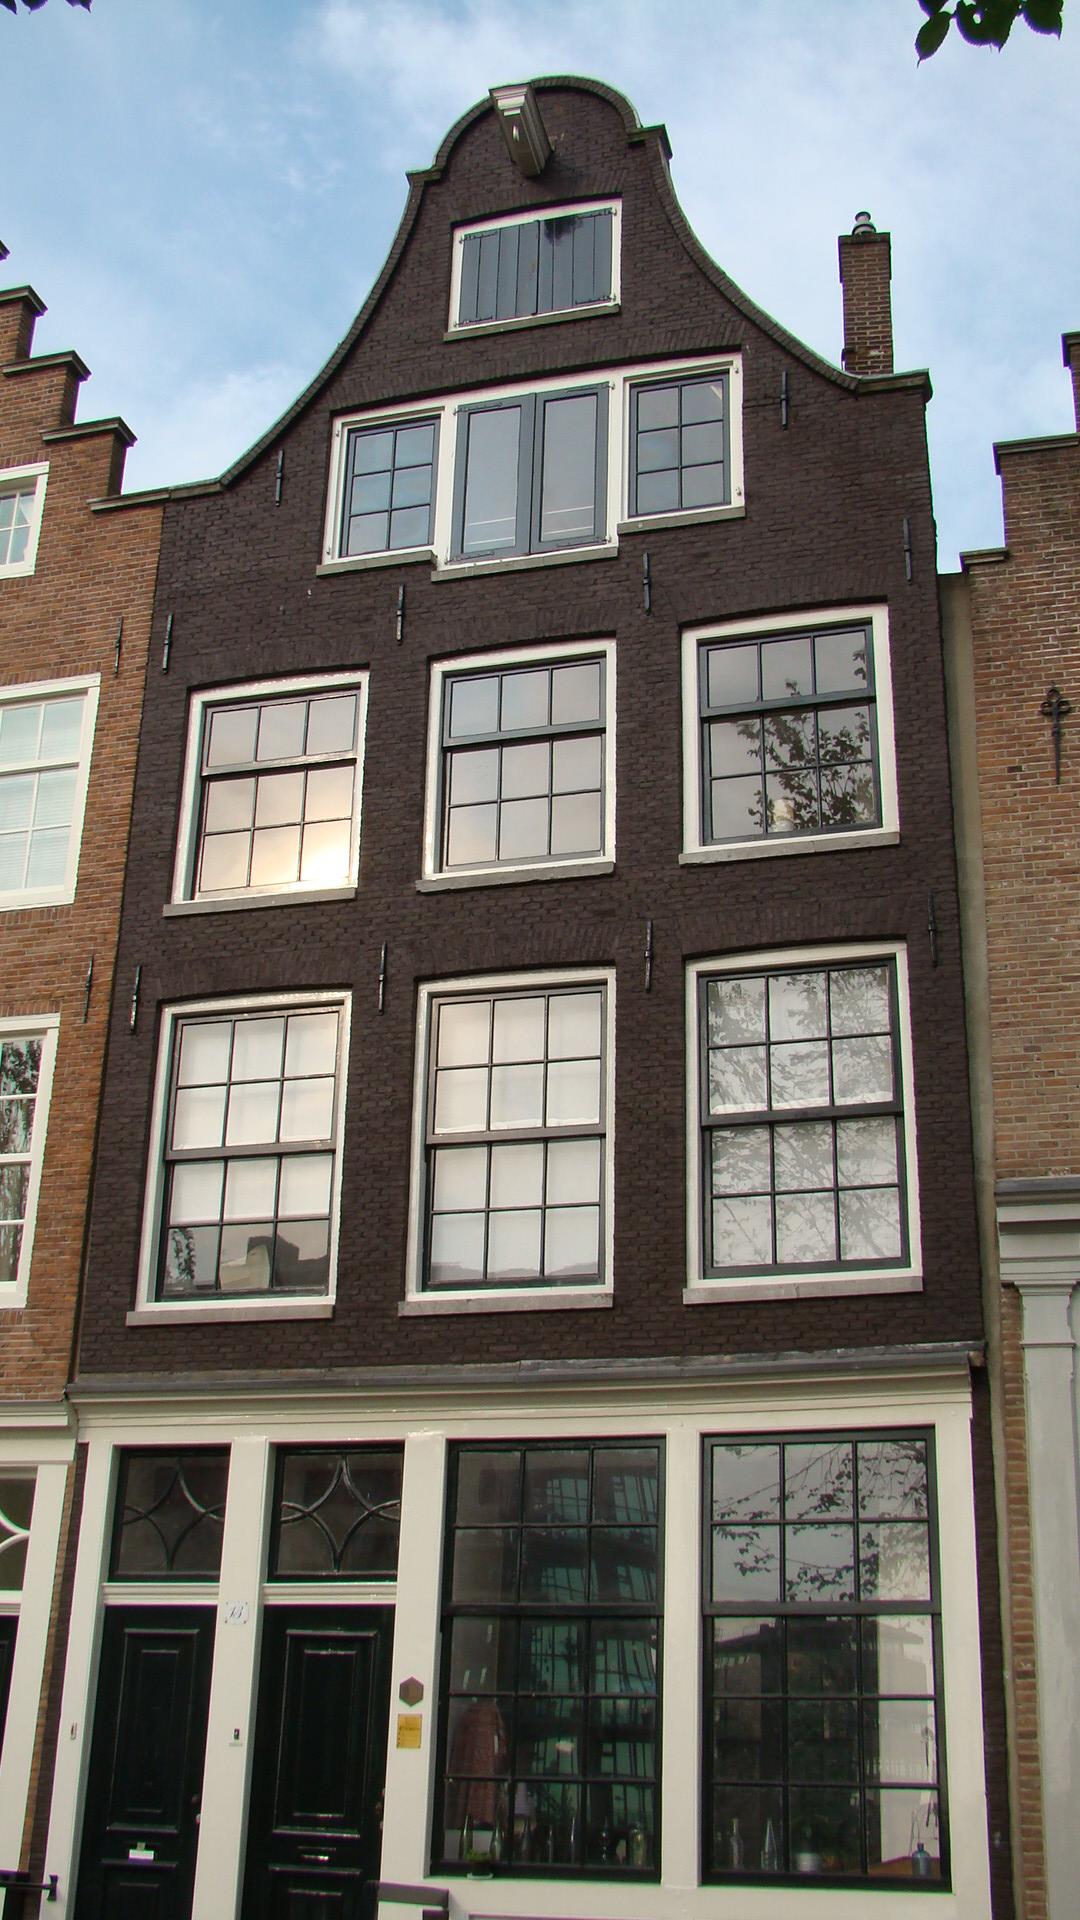 Huis met gevel onder klokvormige rollagentop in amsterdam monument - Huis gevel ...